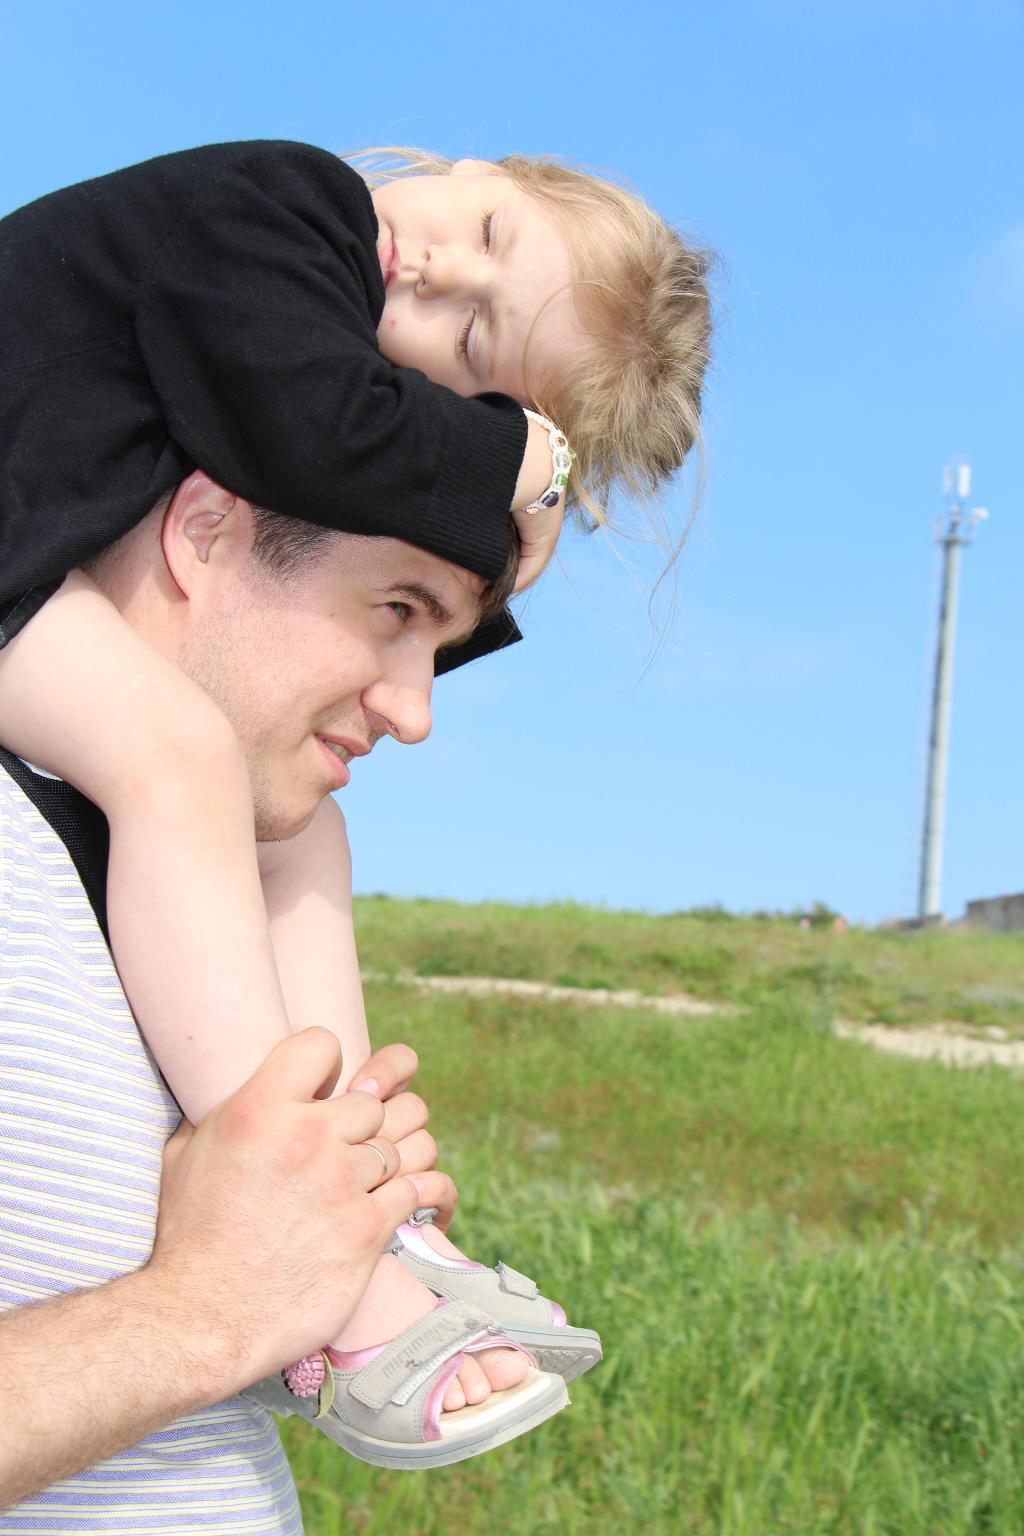 побегали мы по траве, теперь поспим на голове))). Вместе весело гулять!